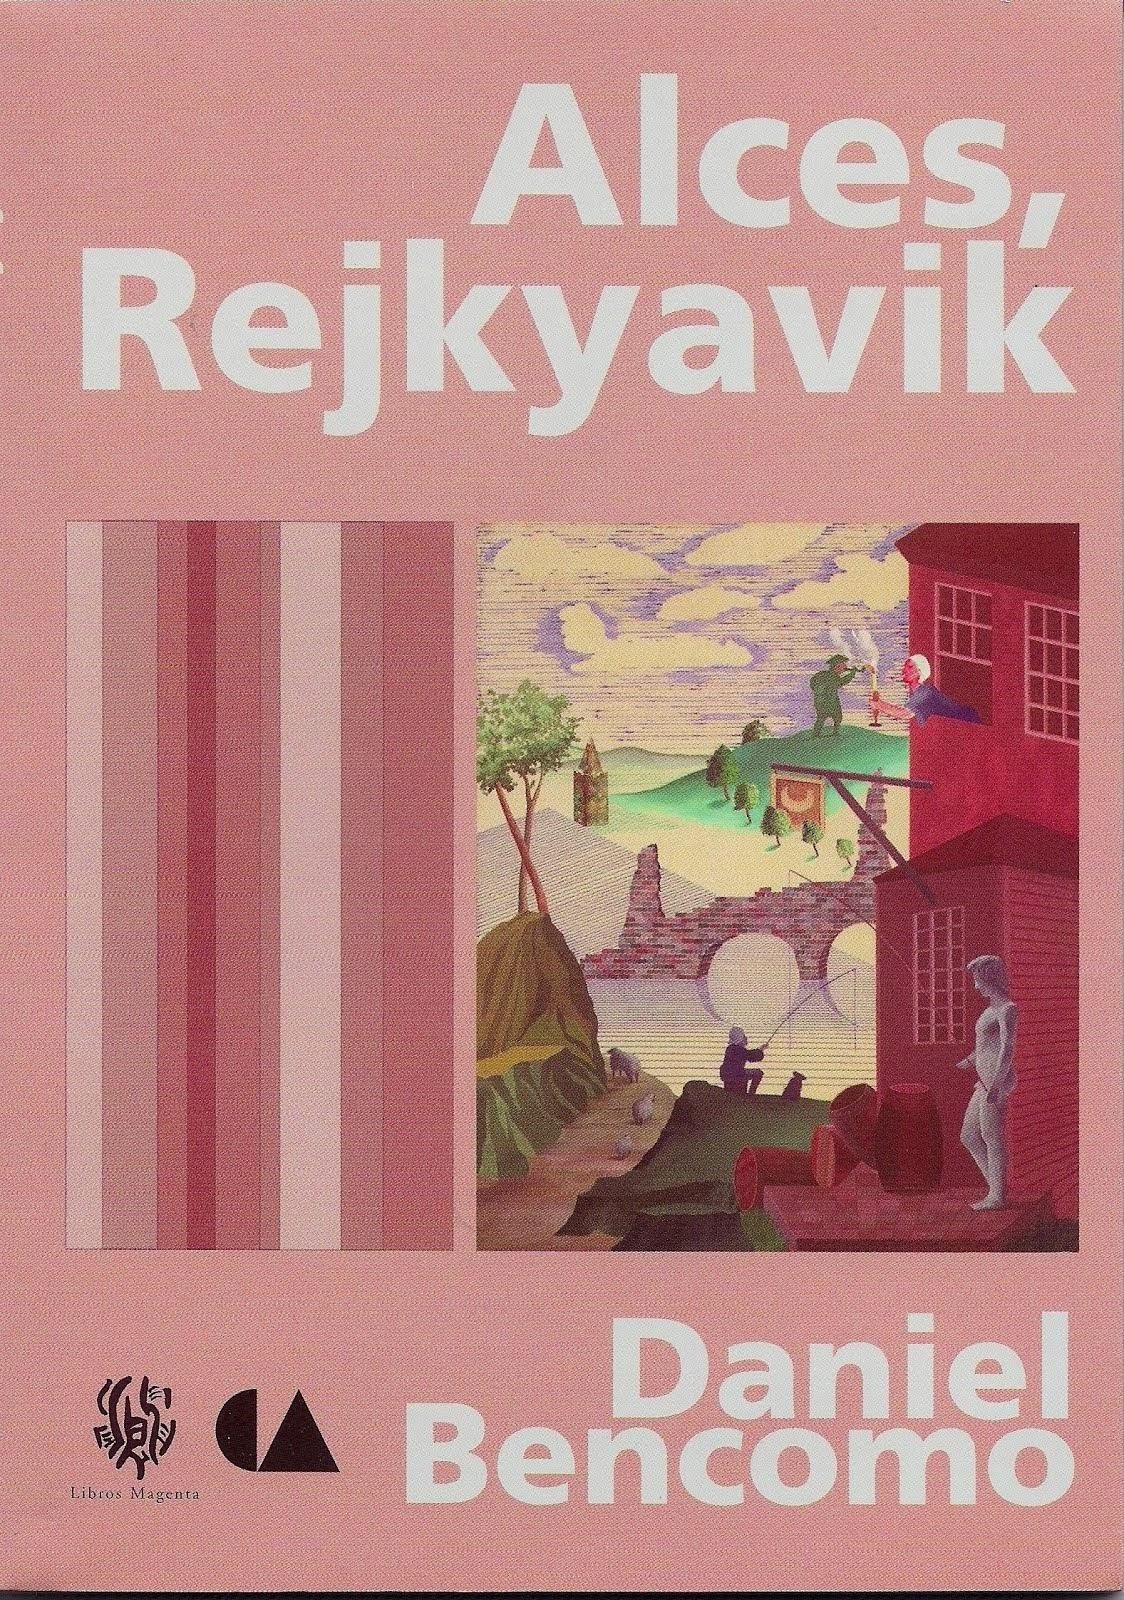 Alces, Rejkyavik